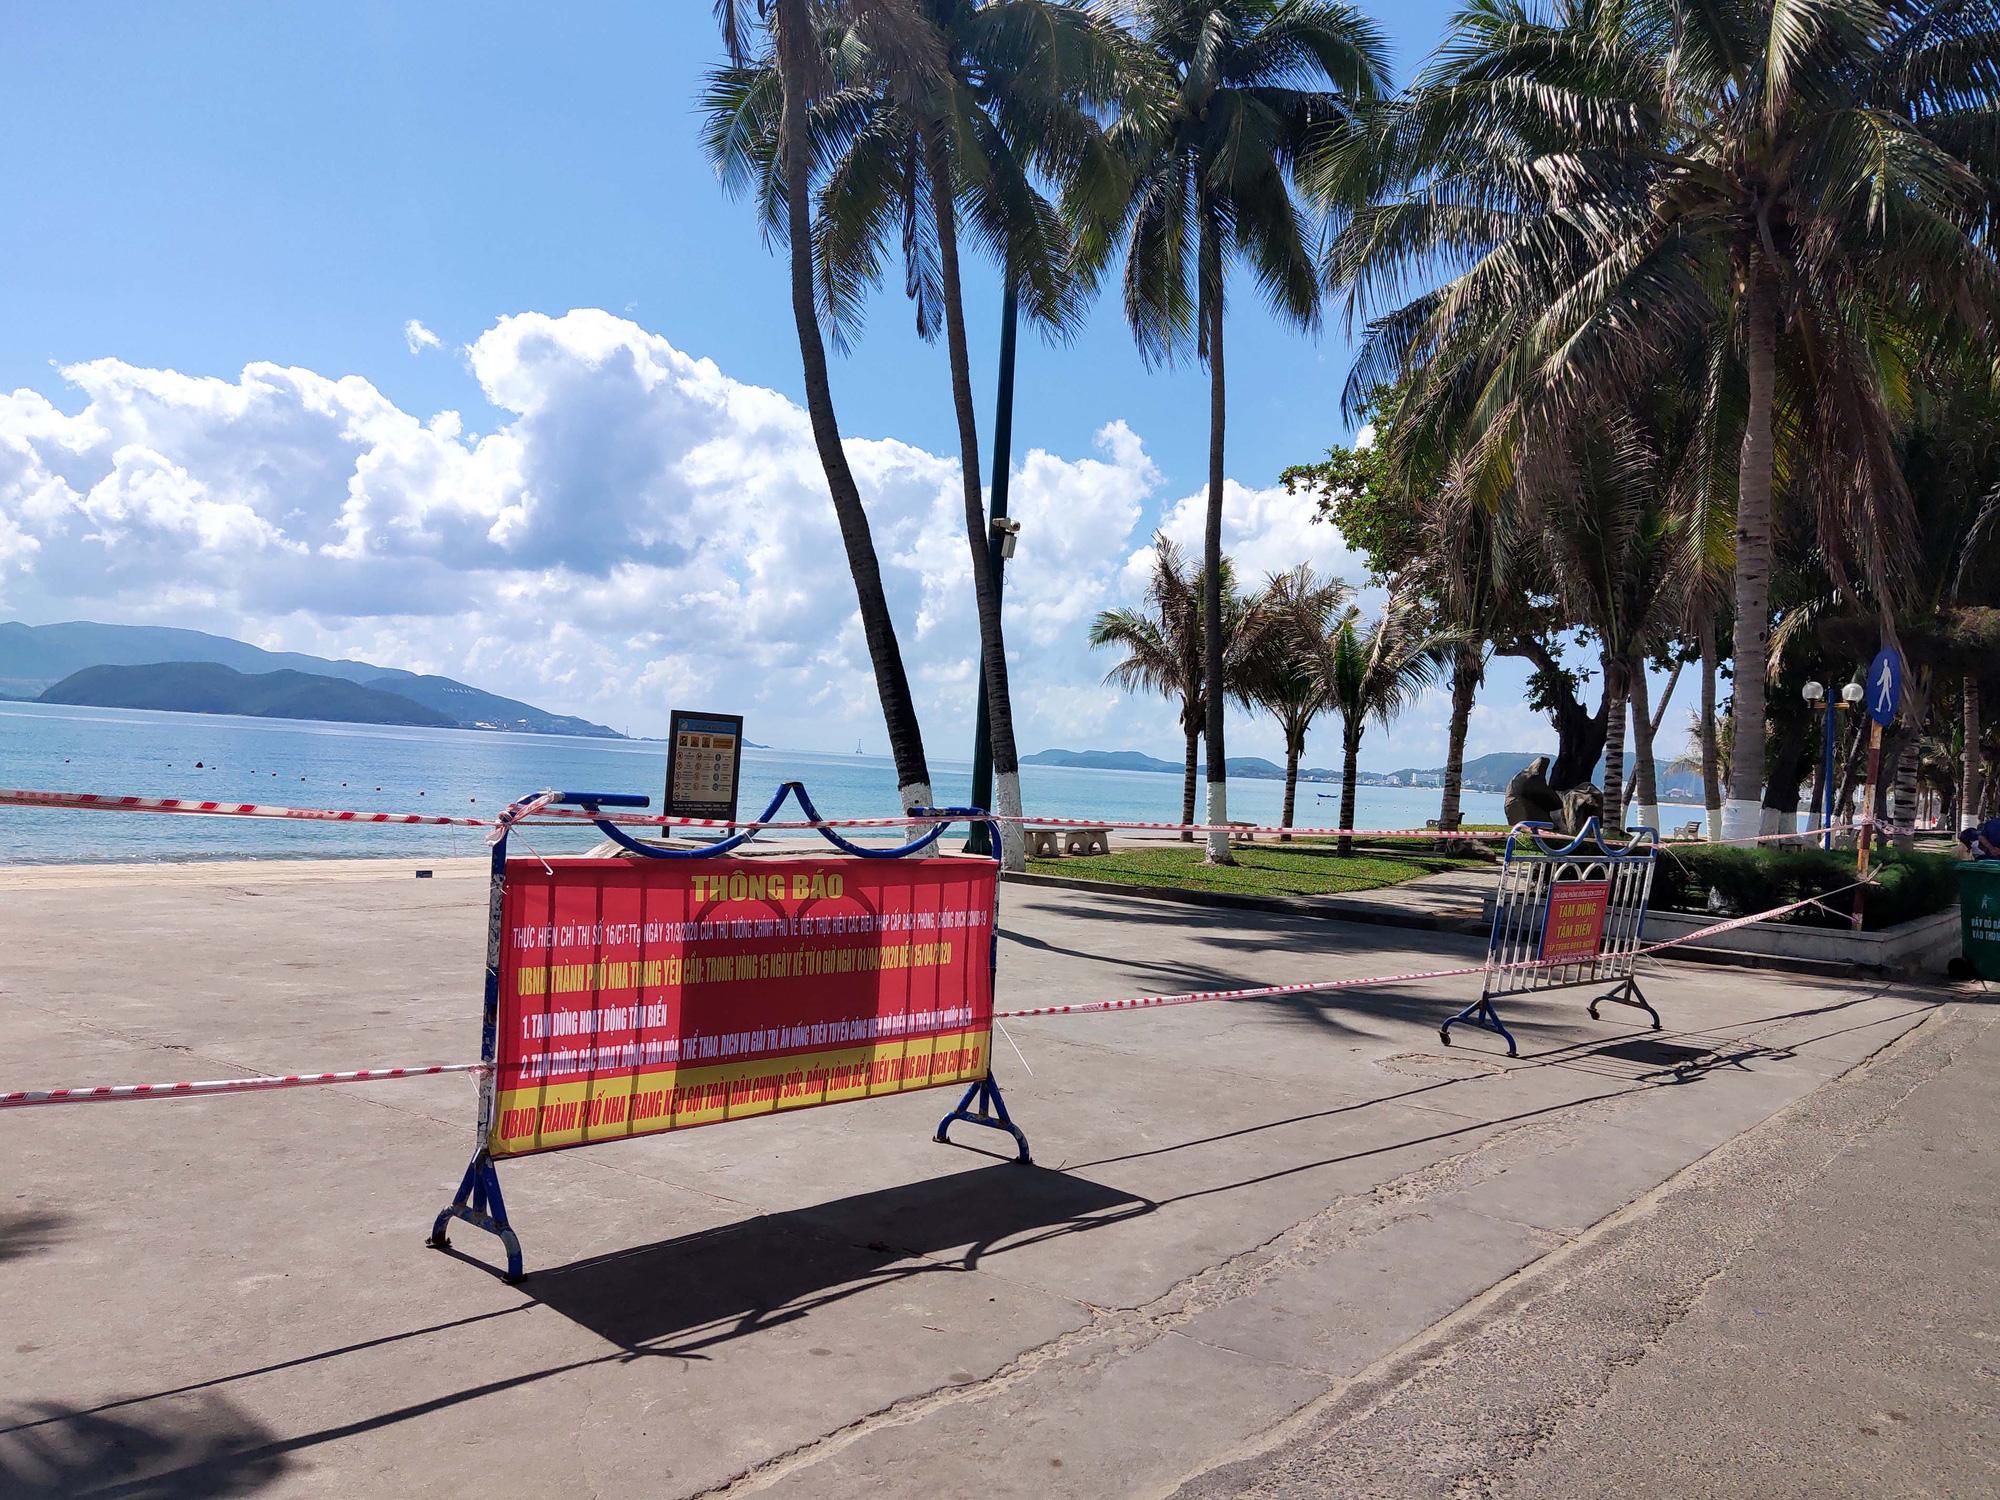 Du khách đeo khẩu trang tập luyện thể thao khi Nha Trang tạm ngừng tắm biển và đóng cửa các điểm vui chơi - Ảnh 2.